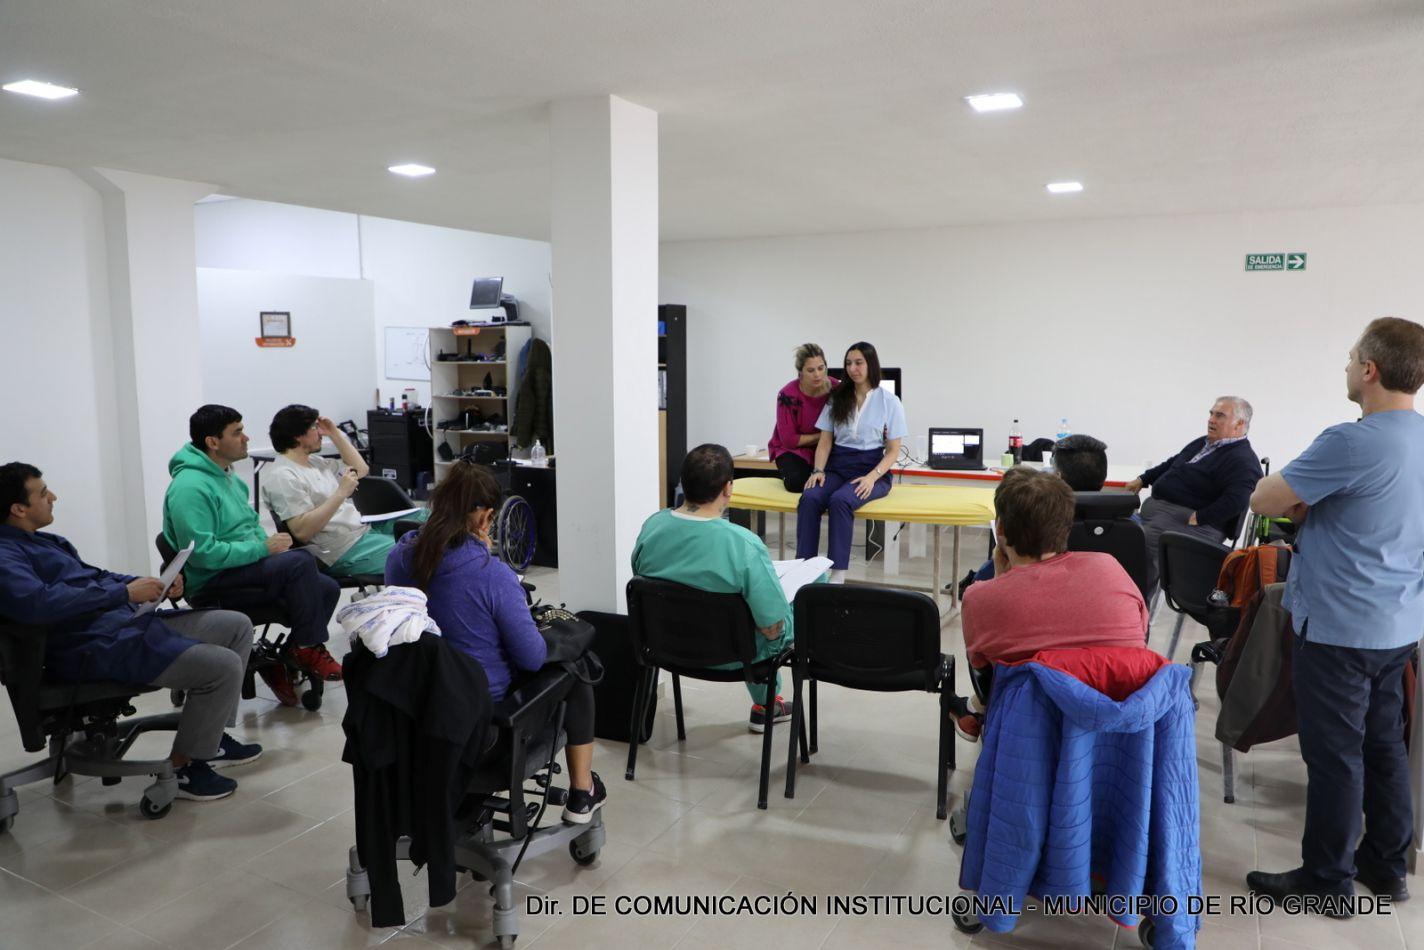 La actividad estuvo destinada a profesionales de la salud, equipos técnicos y docentes de educación física.